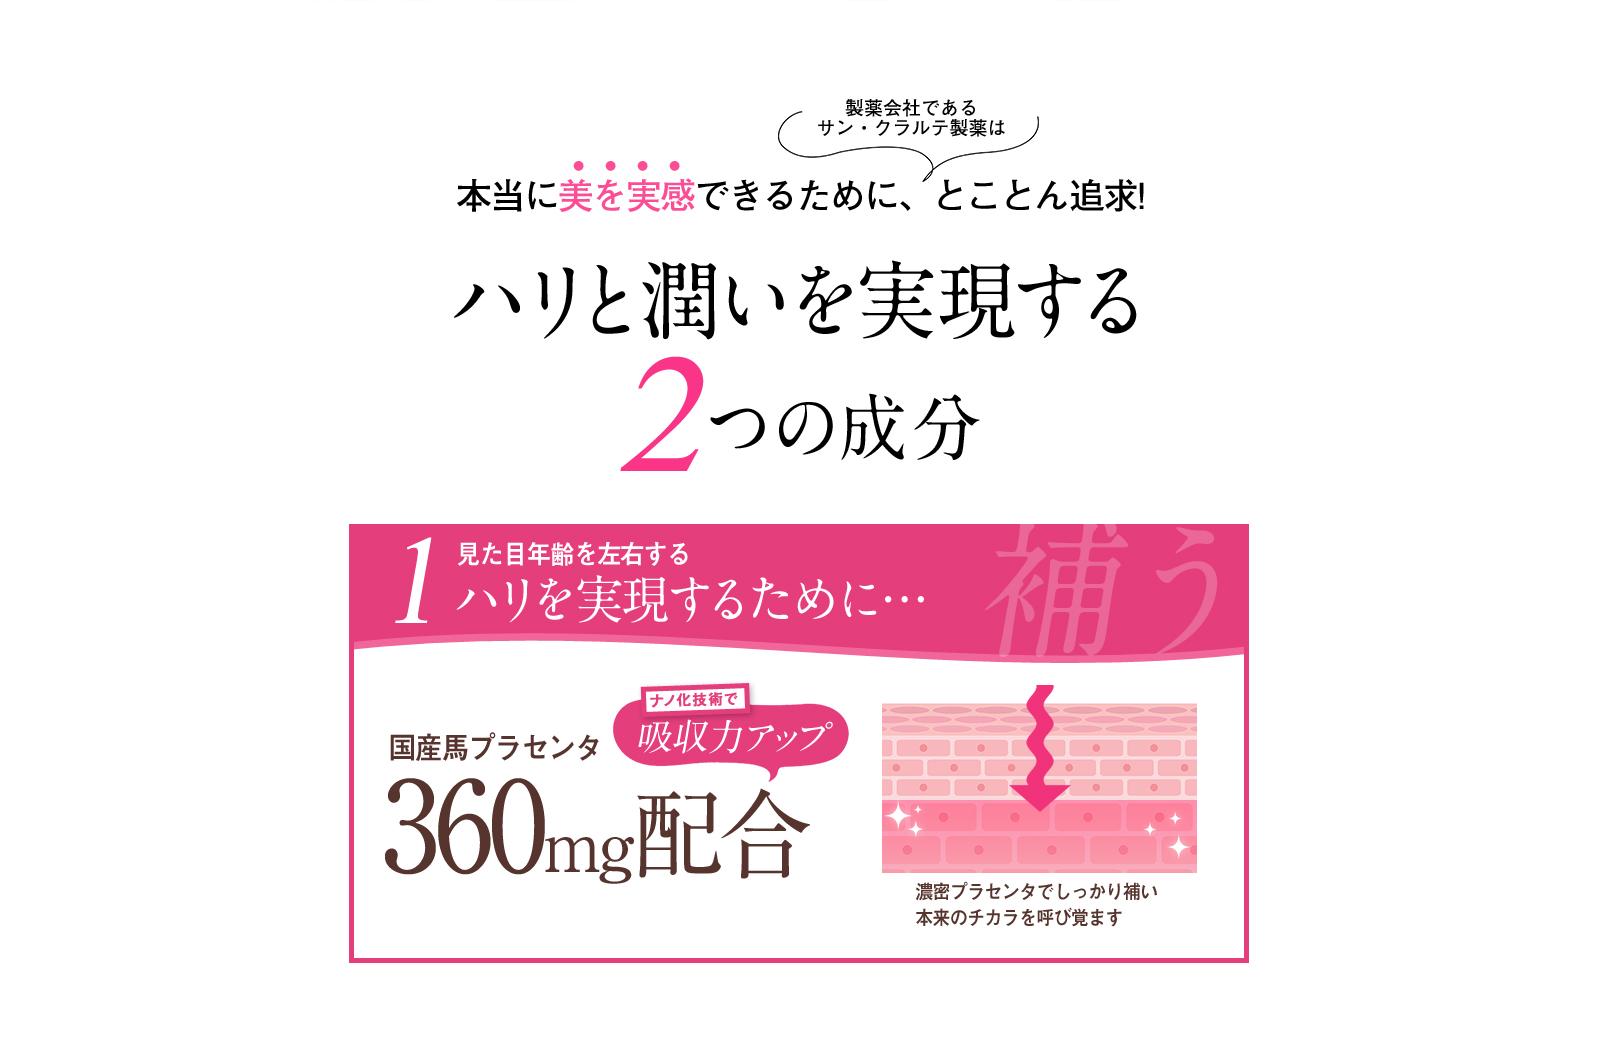 プラセンタサプリ販売用ランディングページ(LP)デザイン・制作事例06